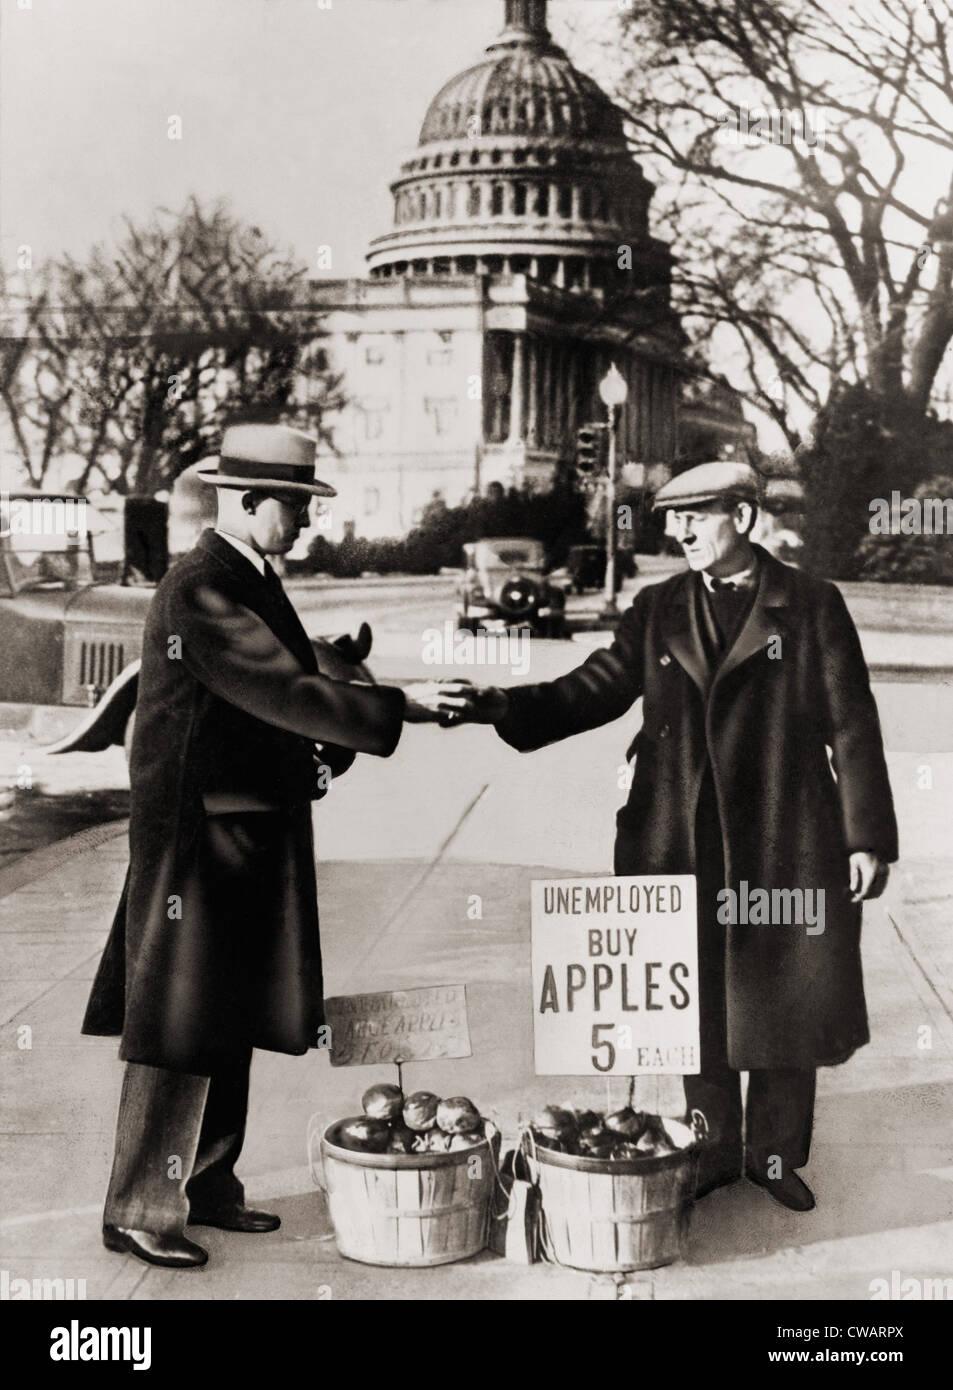 La Gran Depresión. Hombre desempleado vende manzanas cerca del Capitolio en Washington, D.C. como La Gran Depresión Foto de stock